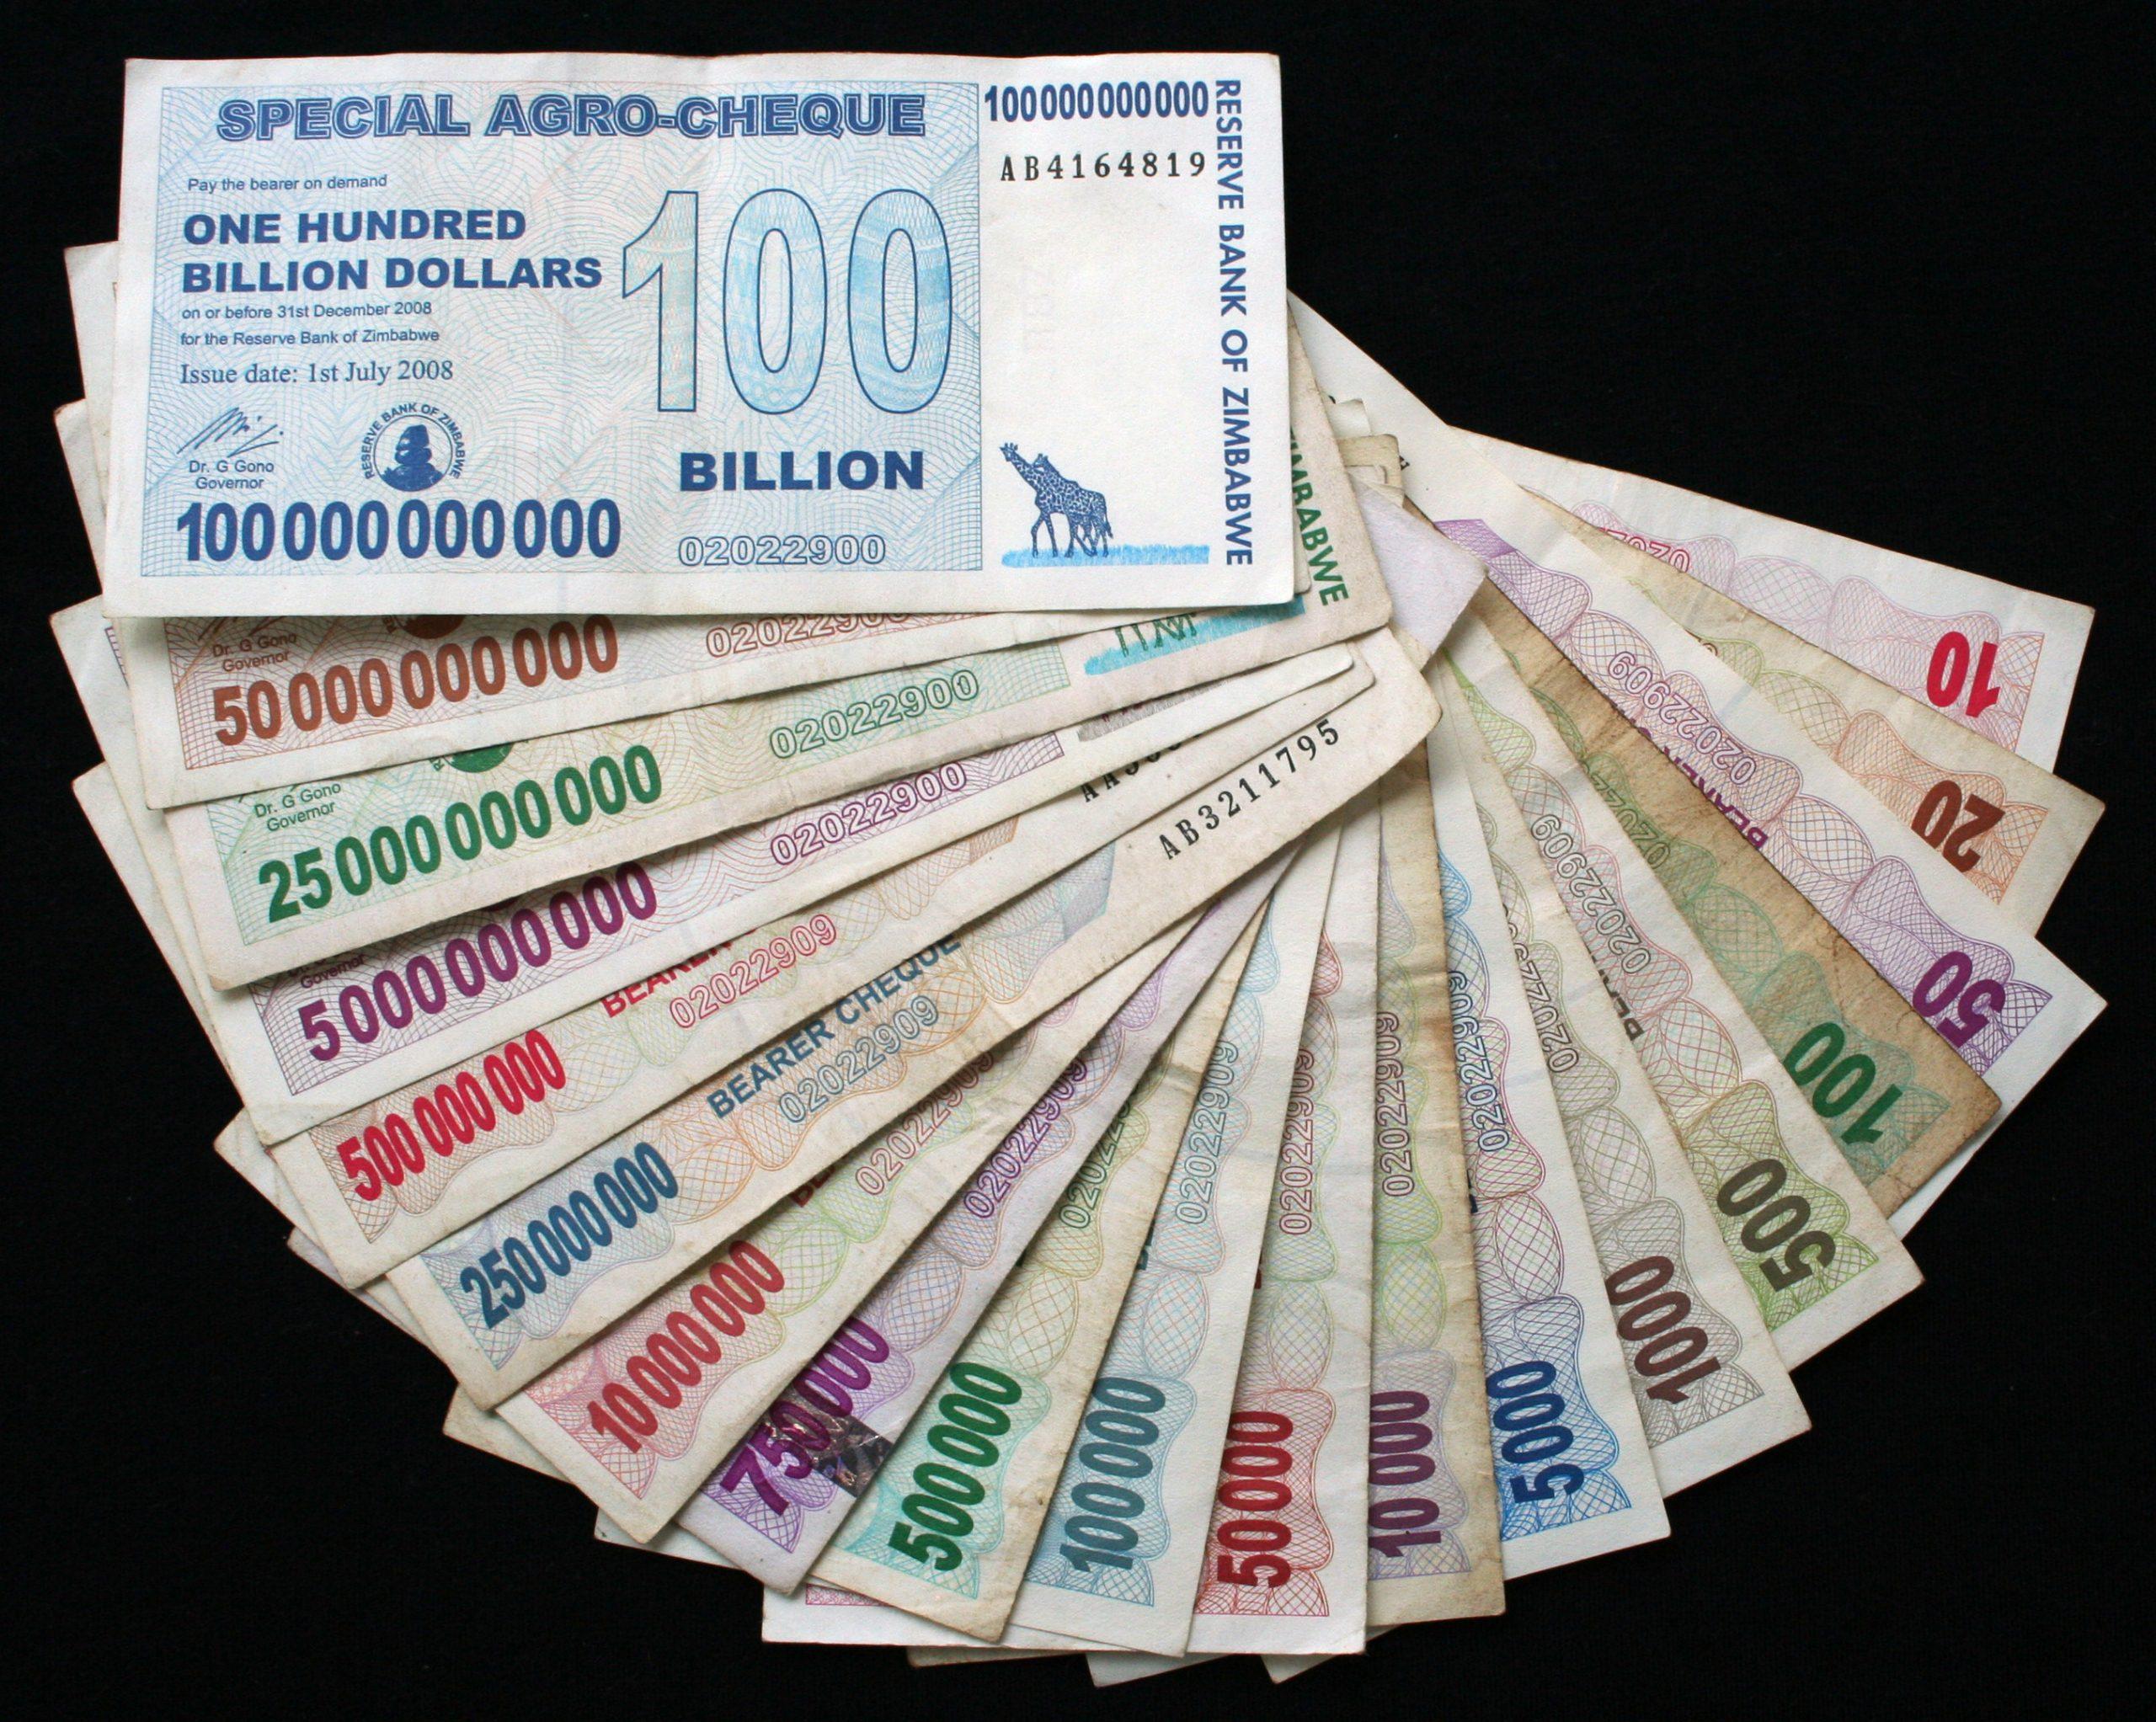 Zimbabwen dollareita hyperinflaation aikana